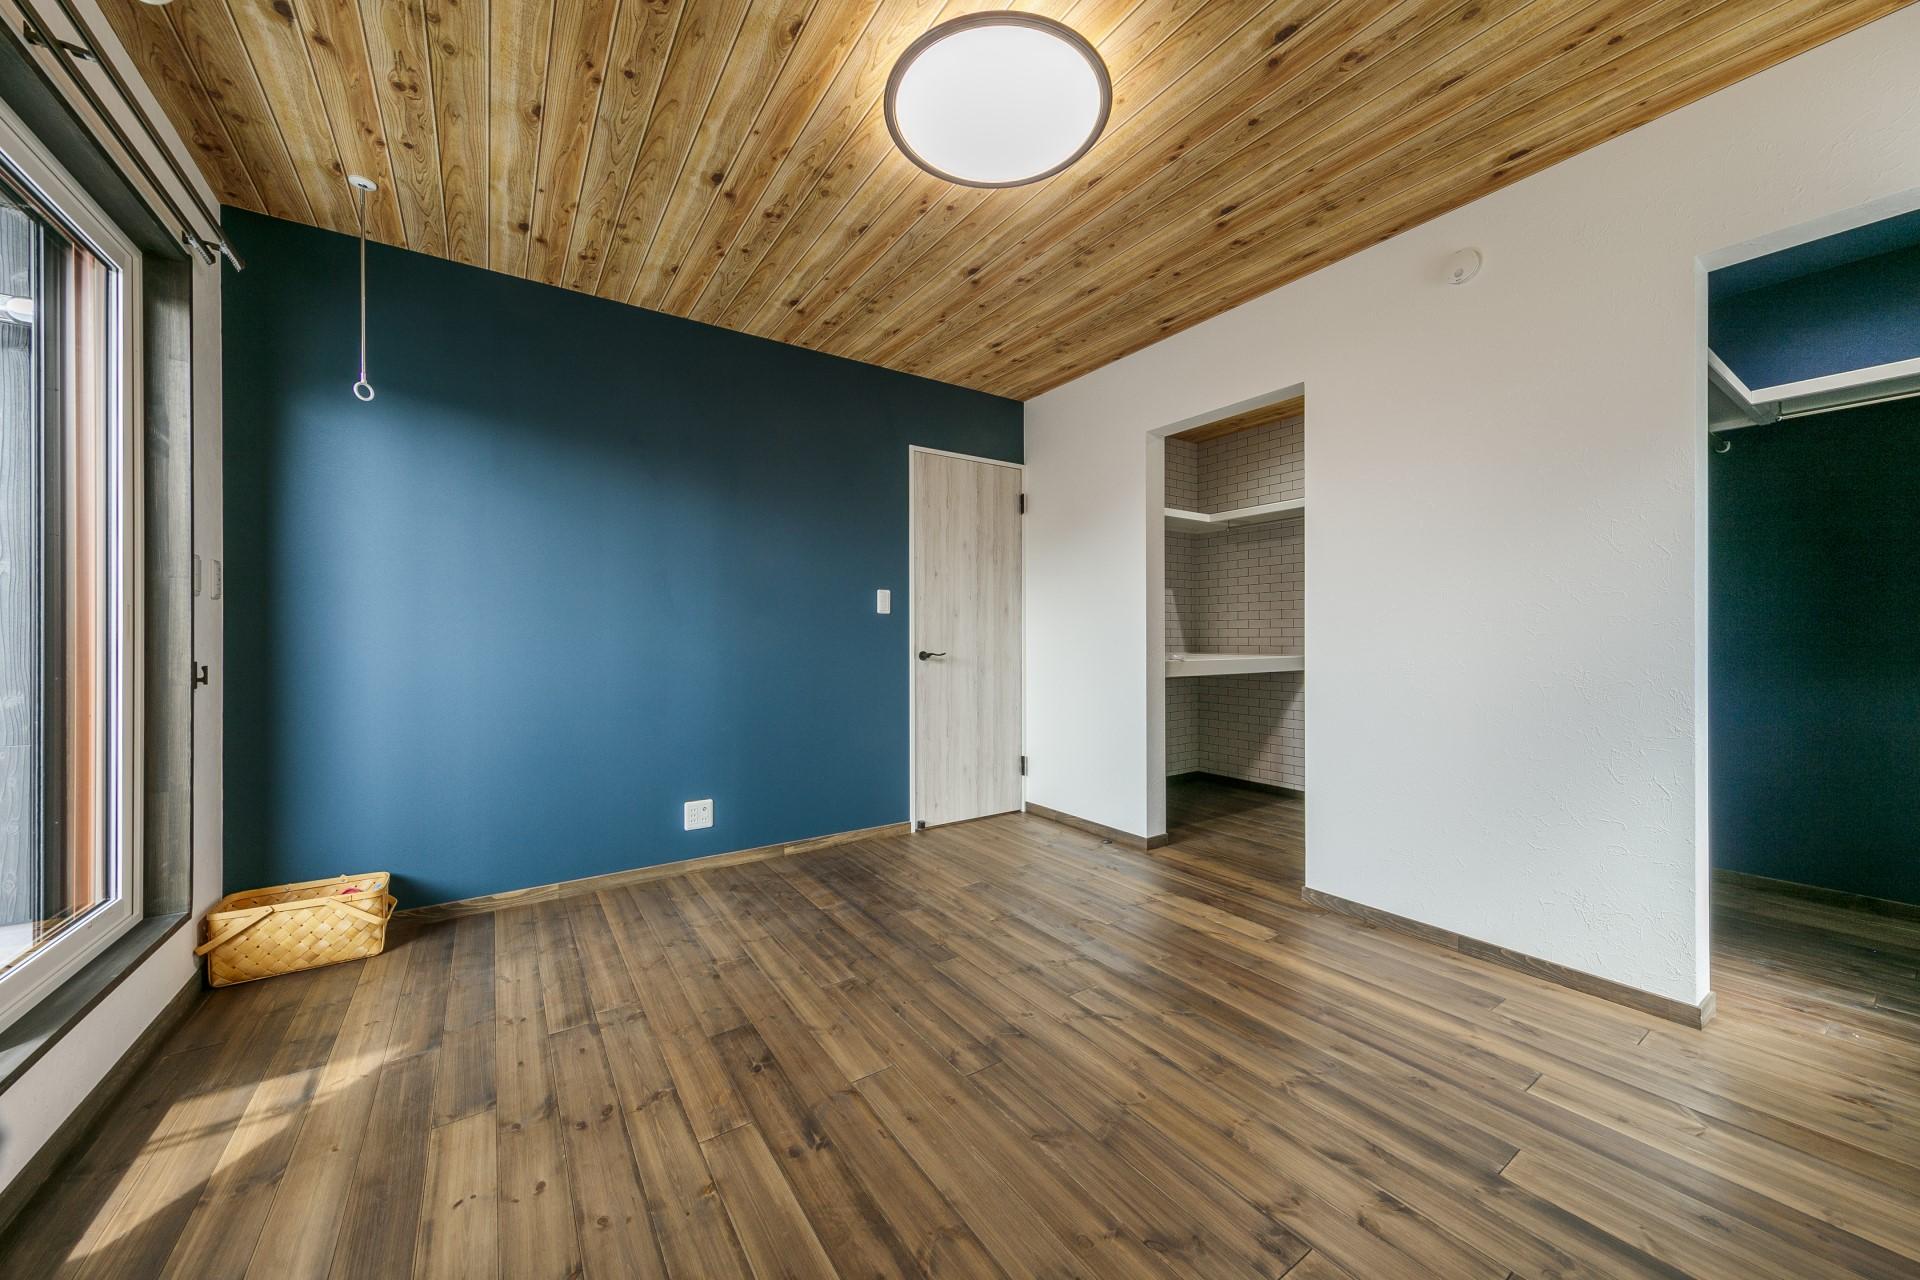 壁紙にこだわったモダンハウス 新築 注文住宅lohasta Homeの施工事例